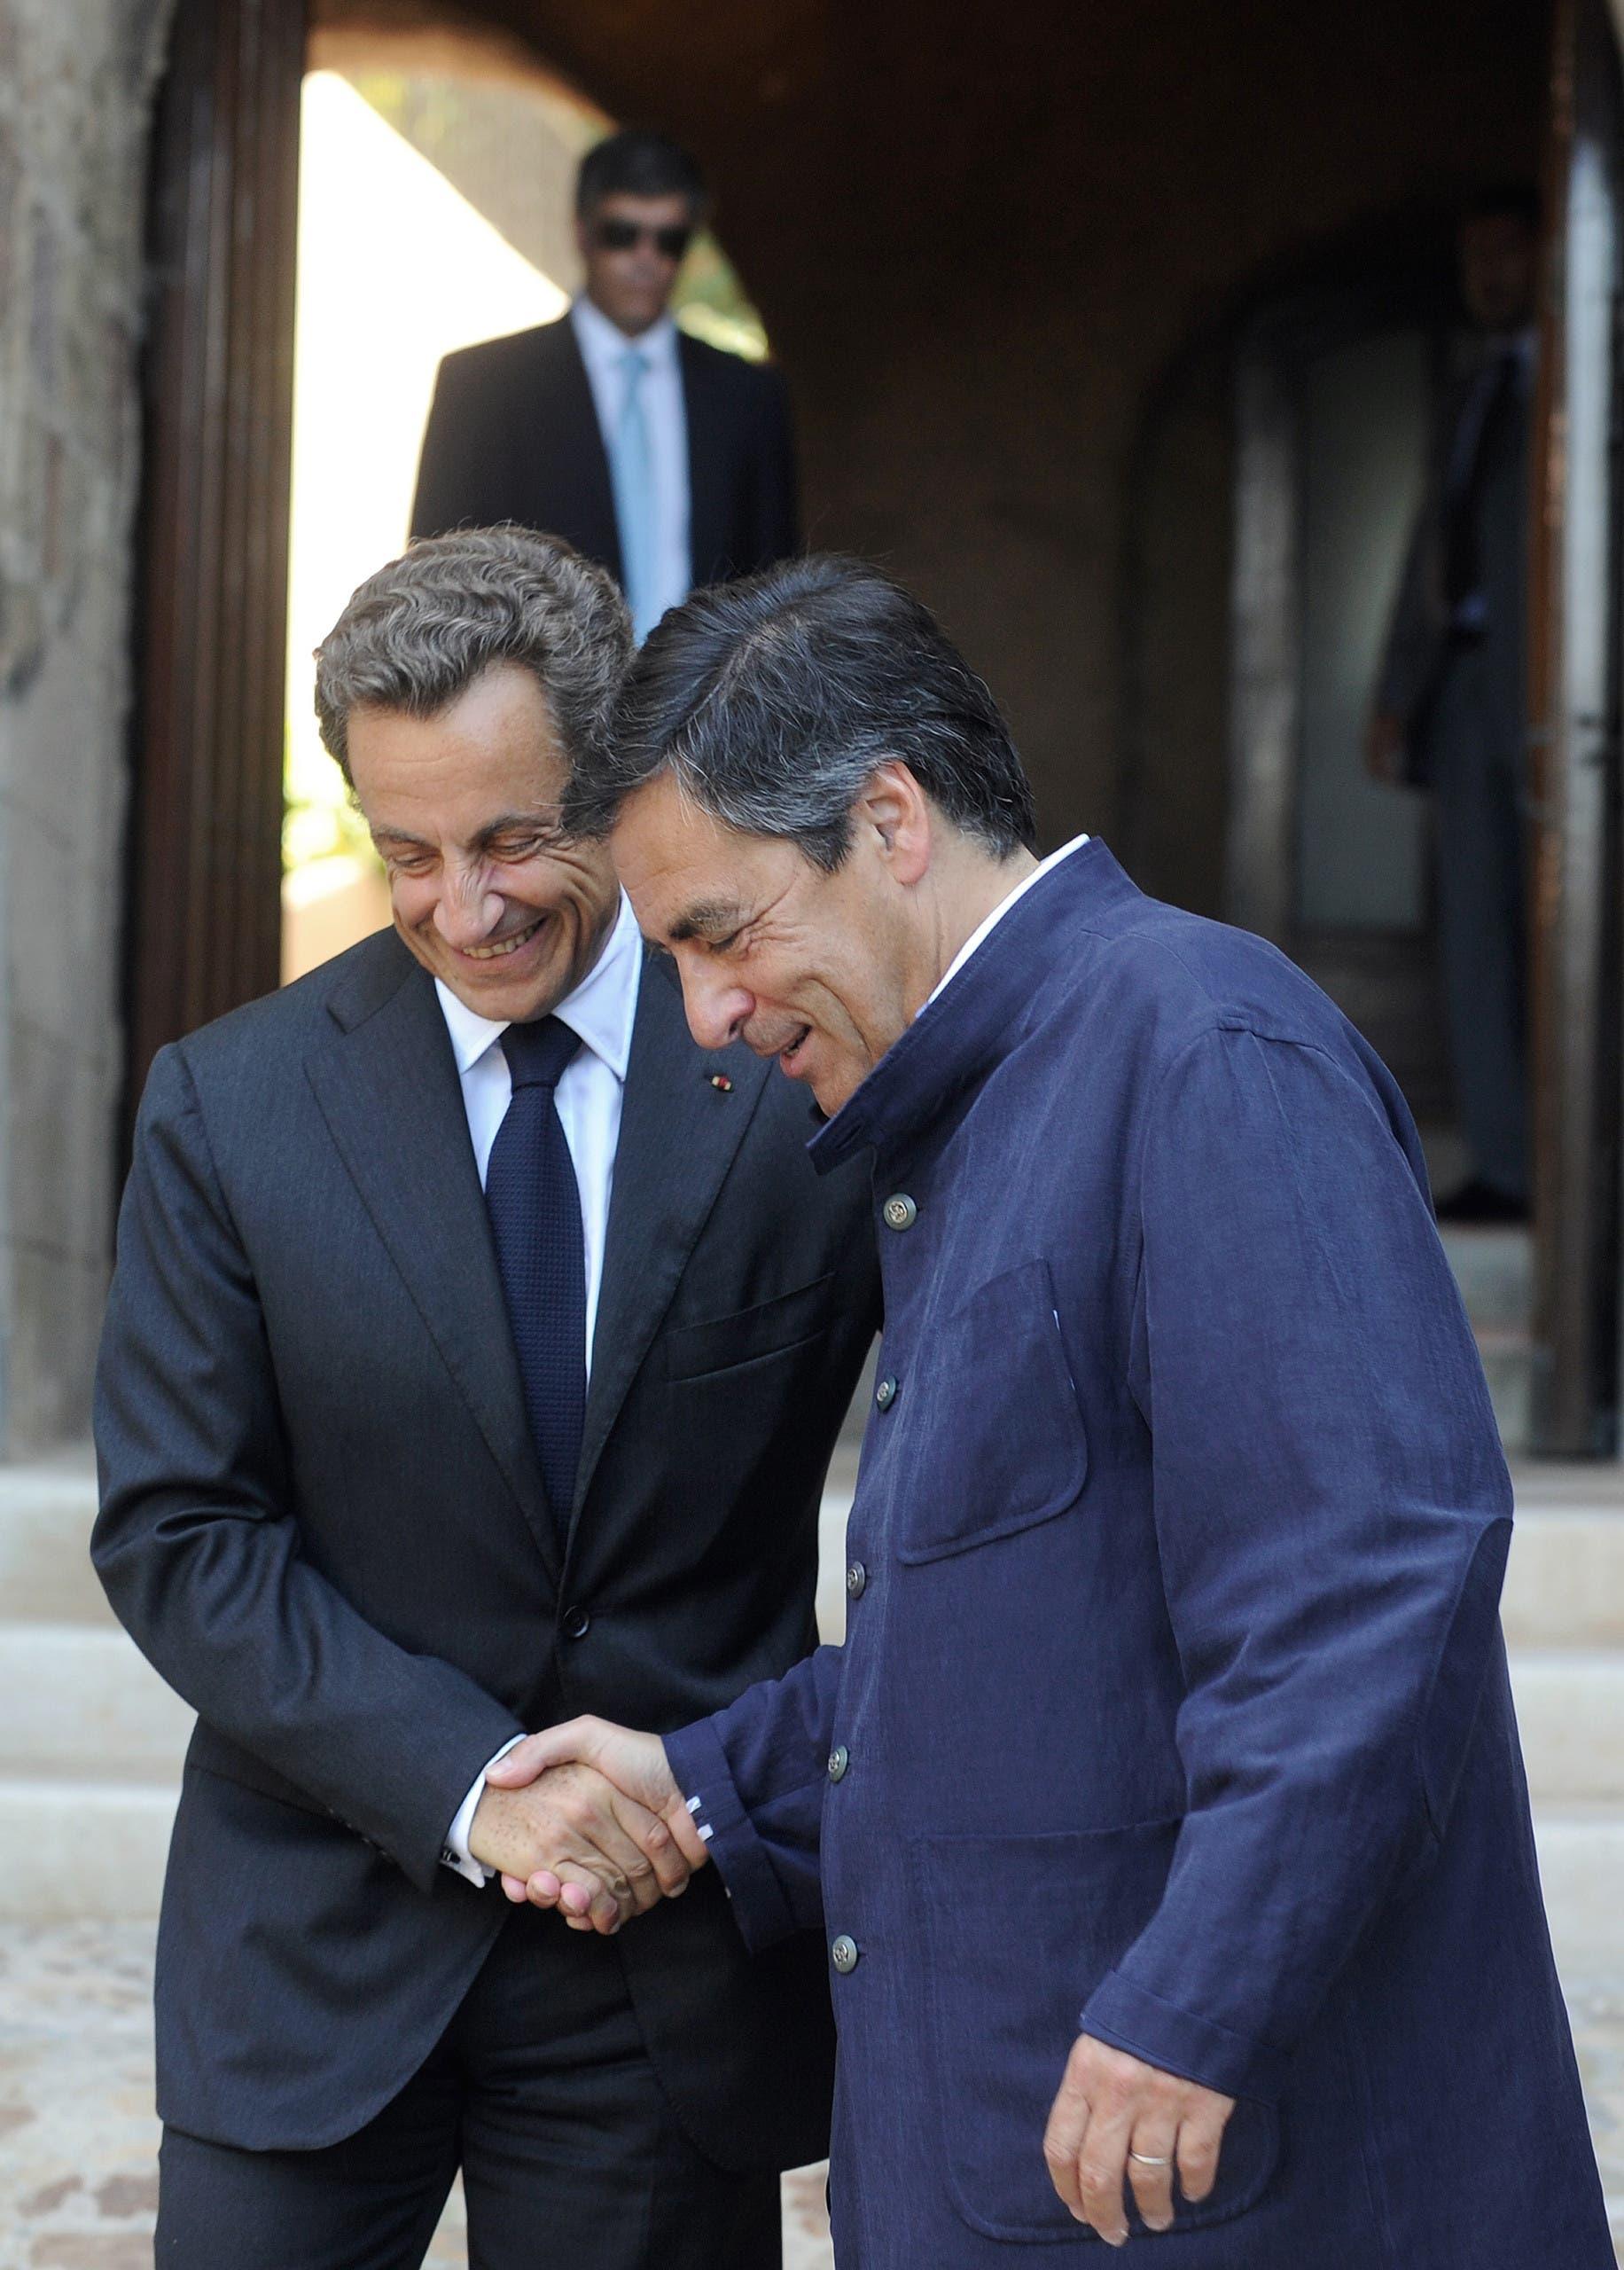 فيون يرتدي سترة من ارنيس في 2010 خلال لقاءه بالرئيس الفرنسي السابق نيكولا ساركوزي